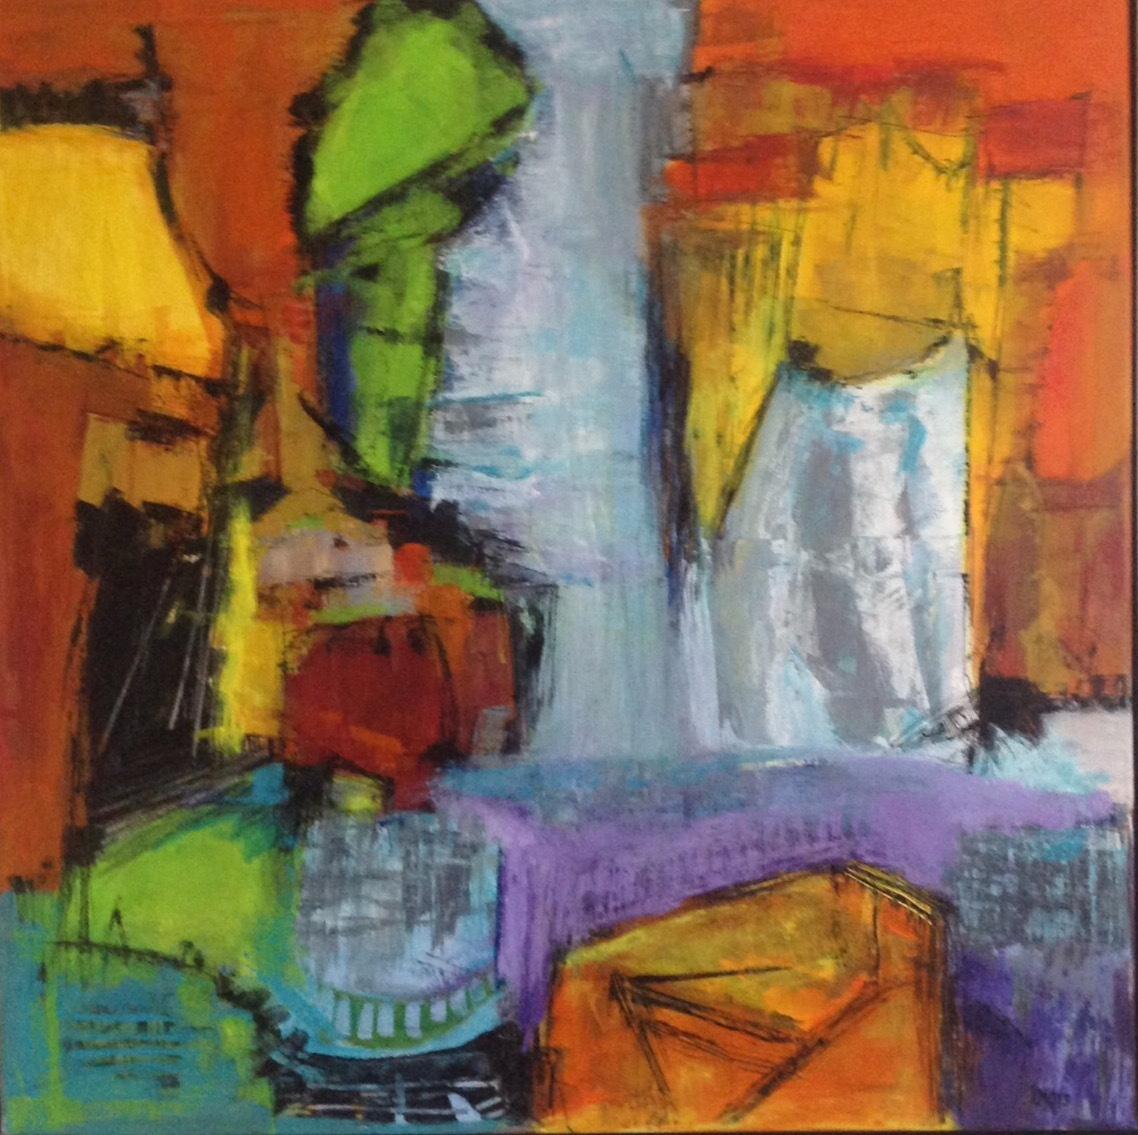 Abstrakt -  solgt til TT